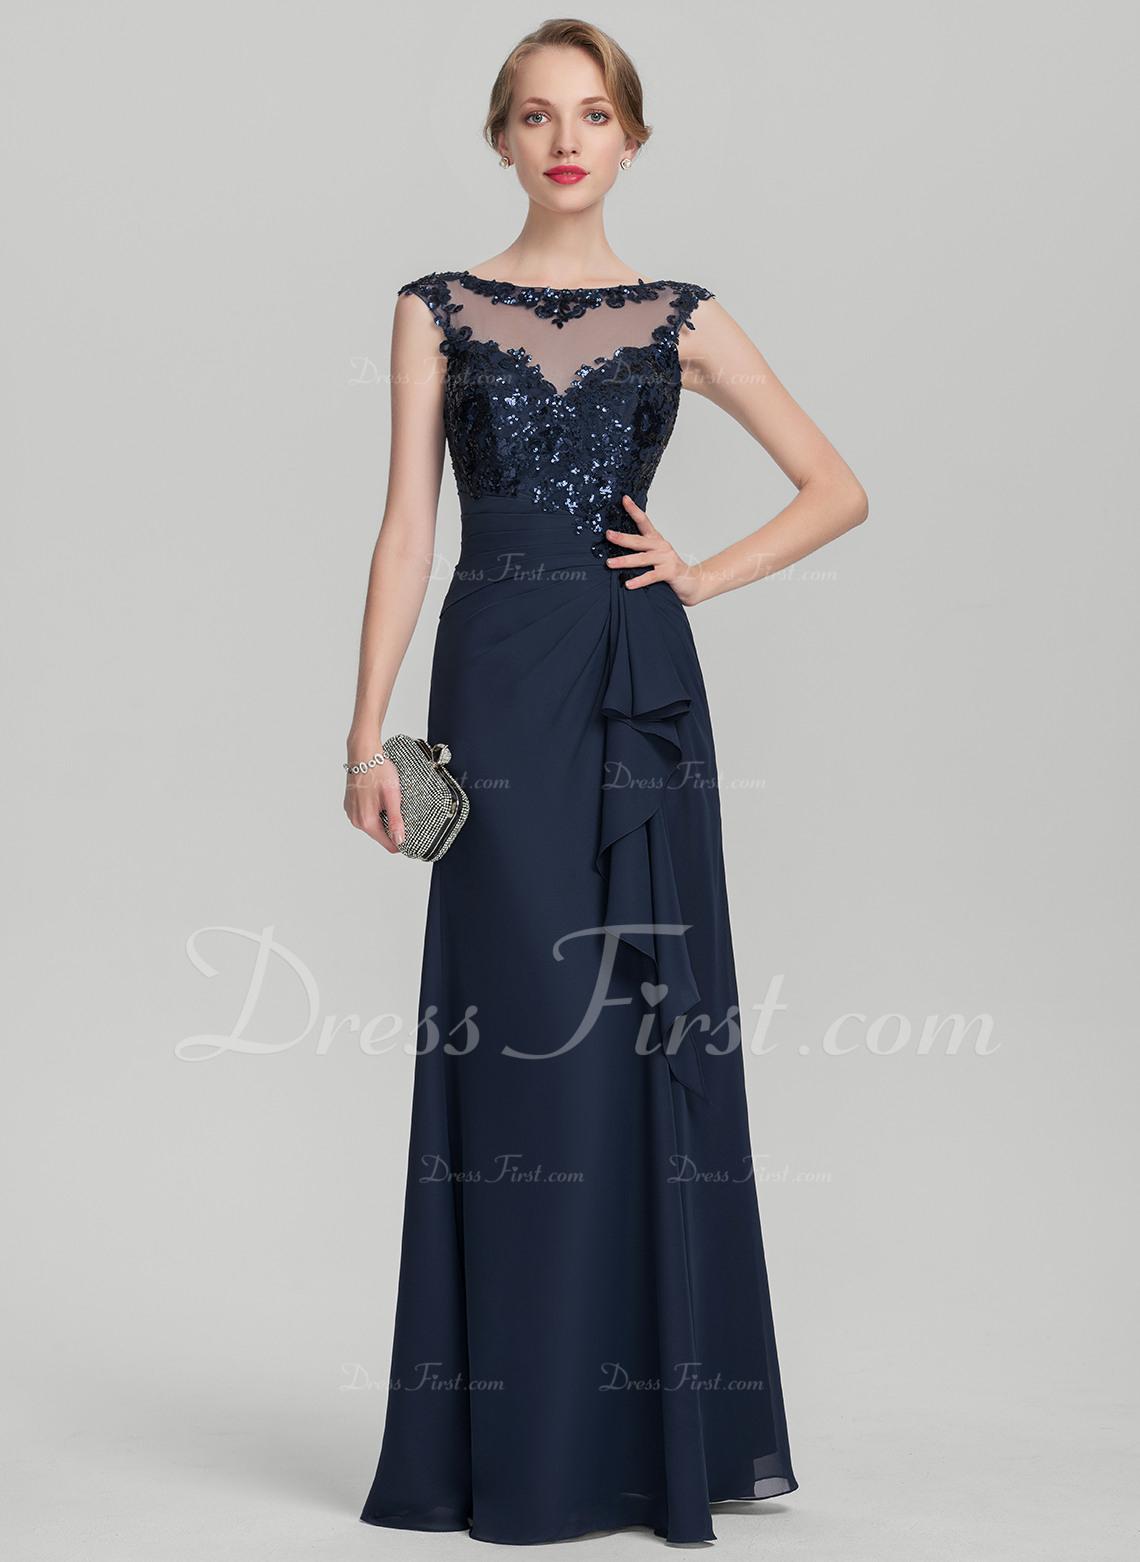 10 Wunderbar Abendkleid U Ausschnitt für 201910 Luxurius Abendkleid U Ausschnitt Boutique